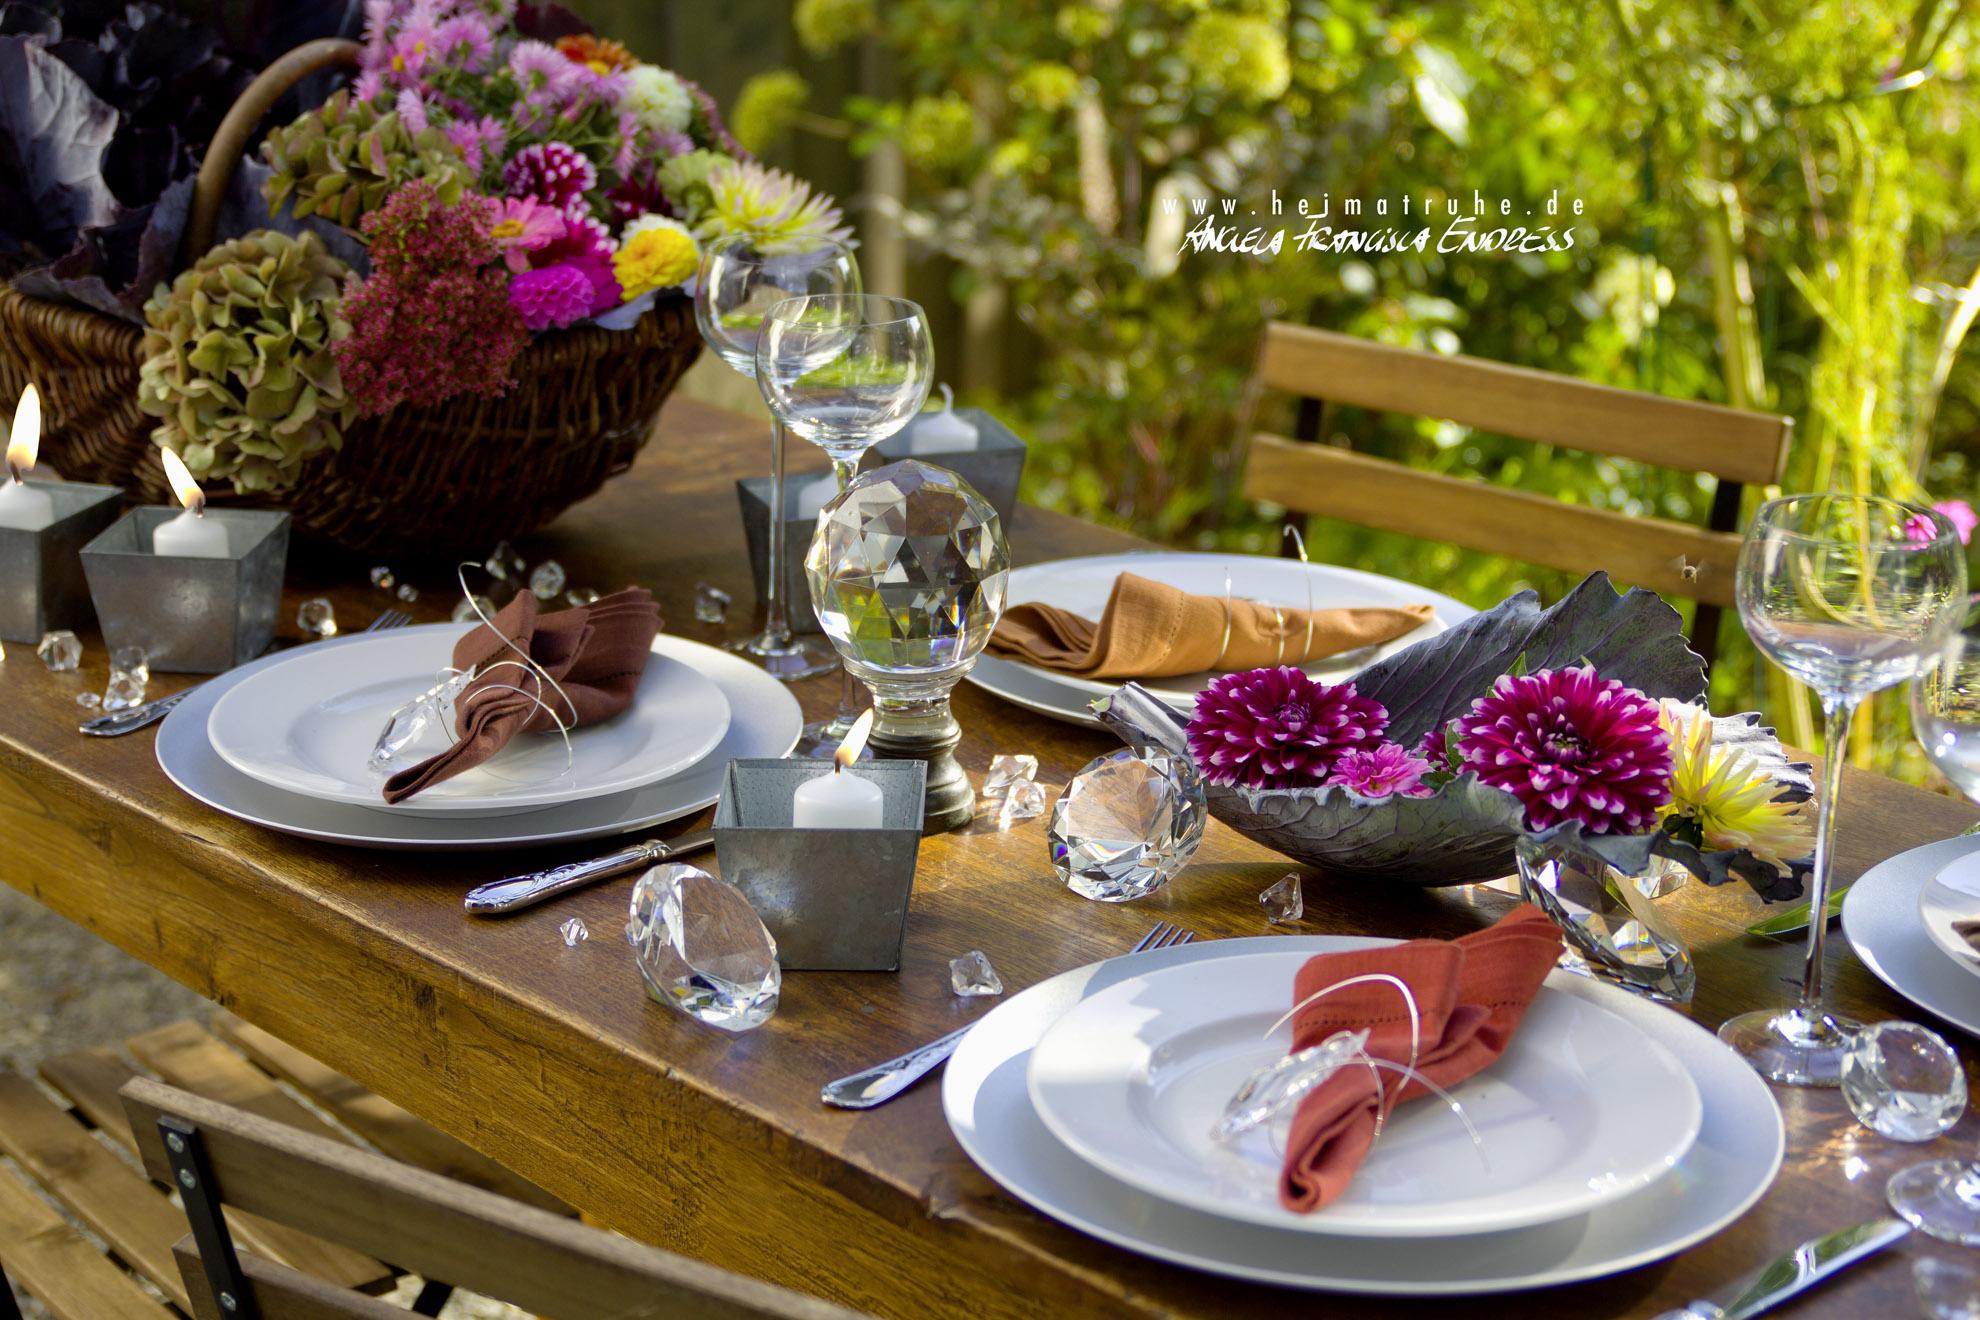 herbstlich gedeckter Tisch im Garten